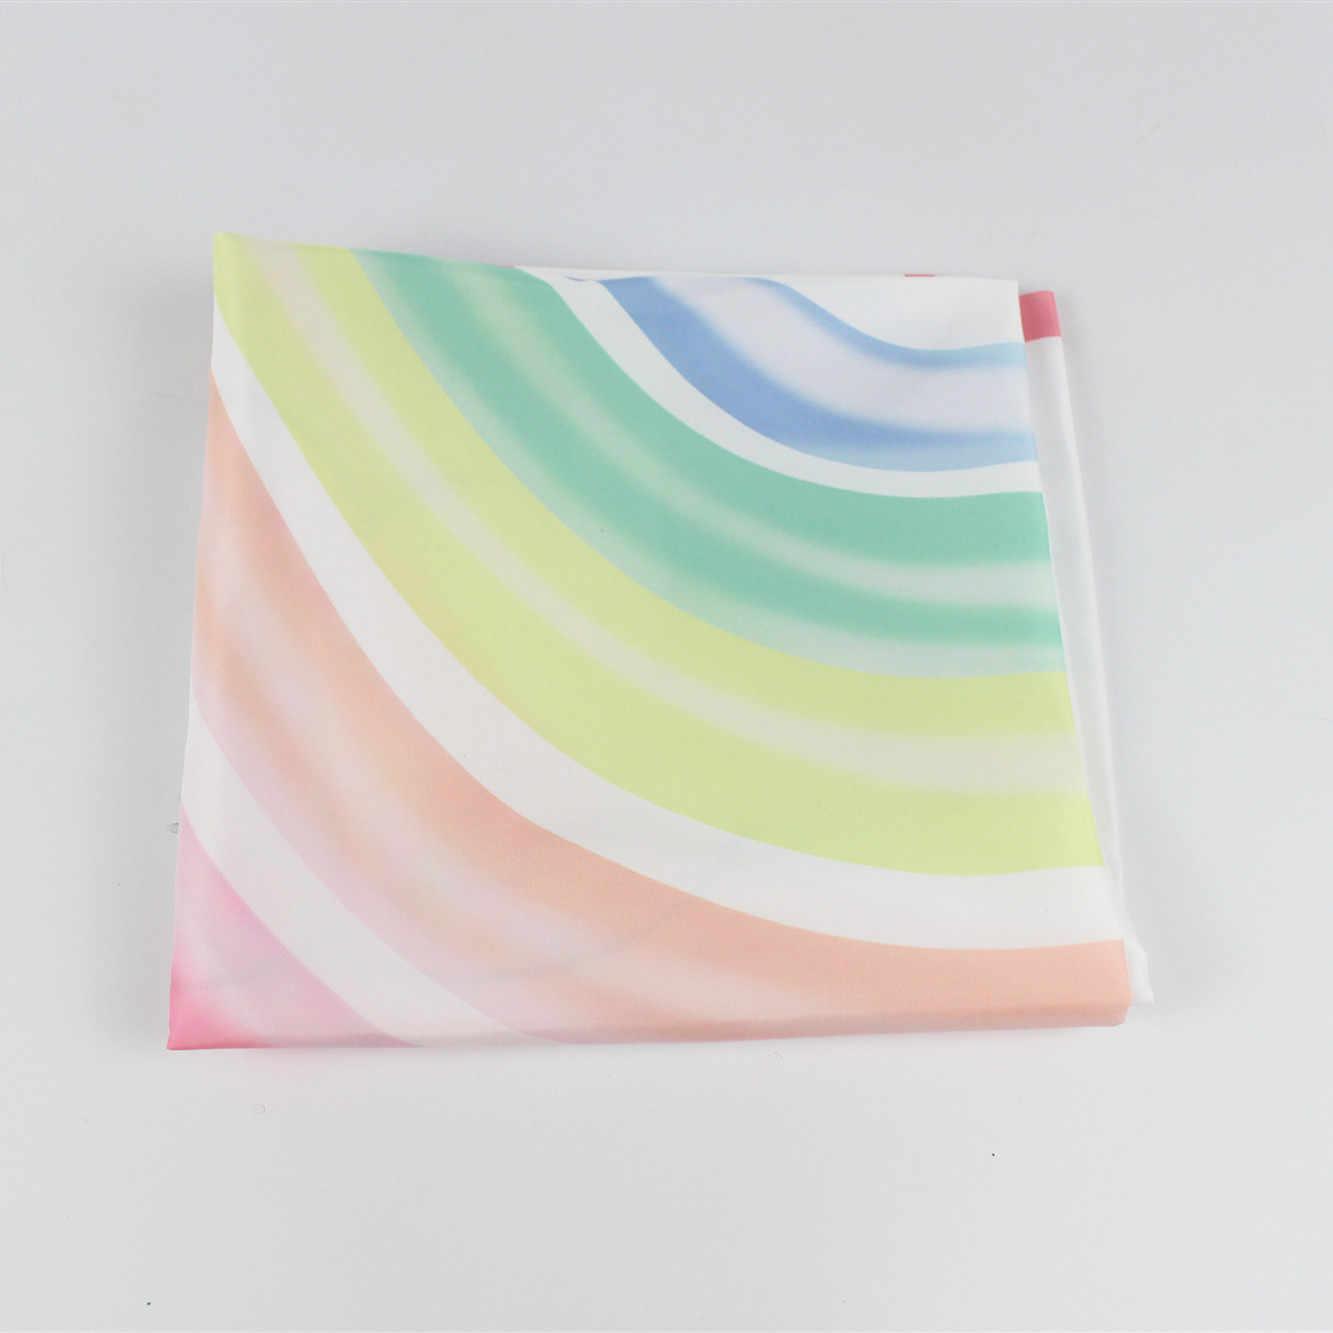 Protetor para fotografia de arco-íris, cobertor para fotografia de 100x100cm, pano de fundo para calendário infantil, acessórios para meninos e meninas